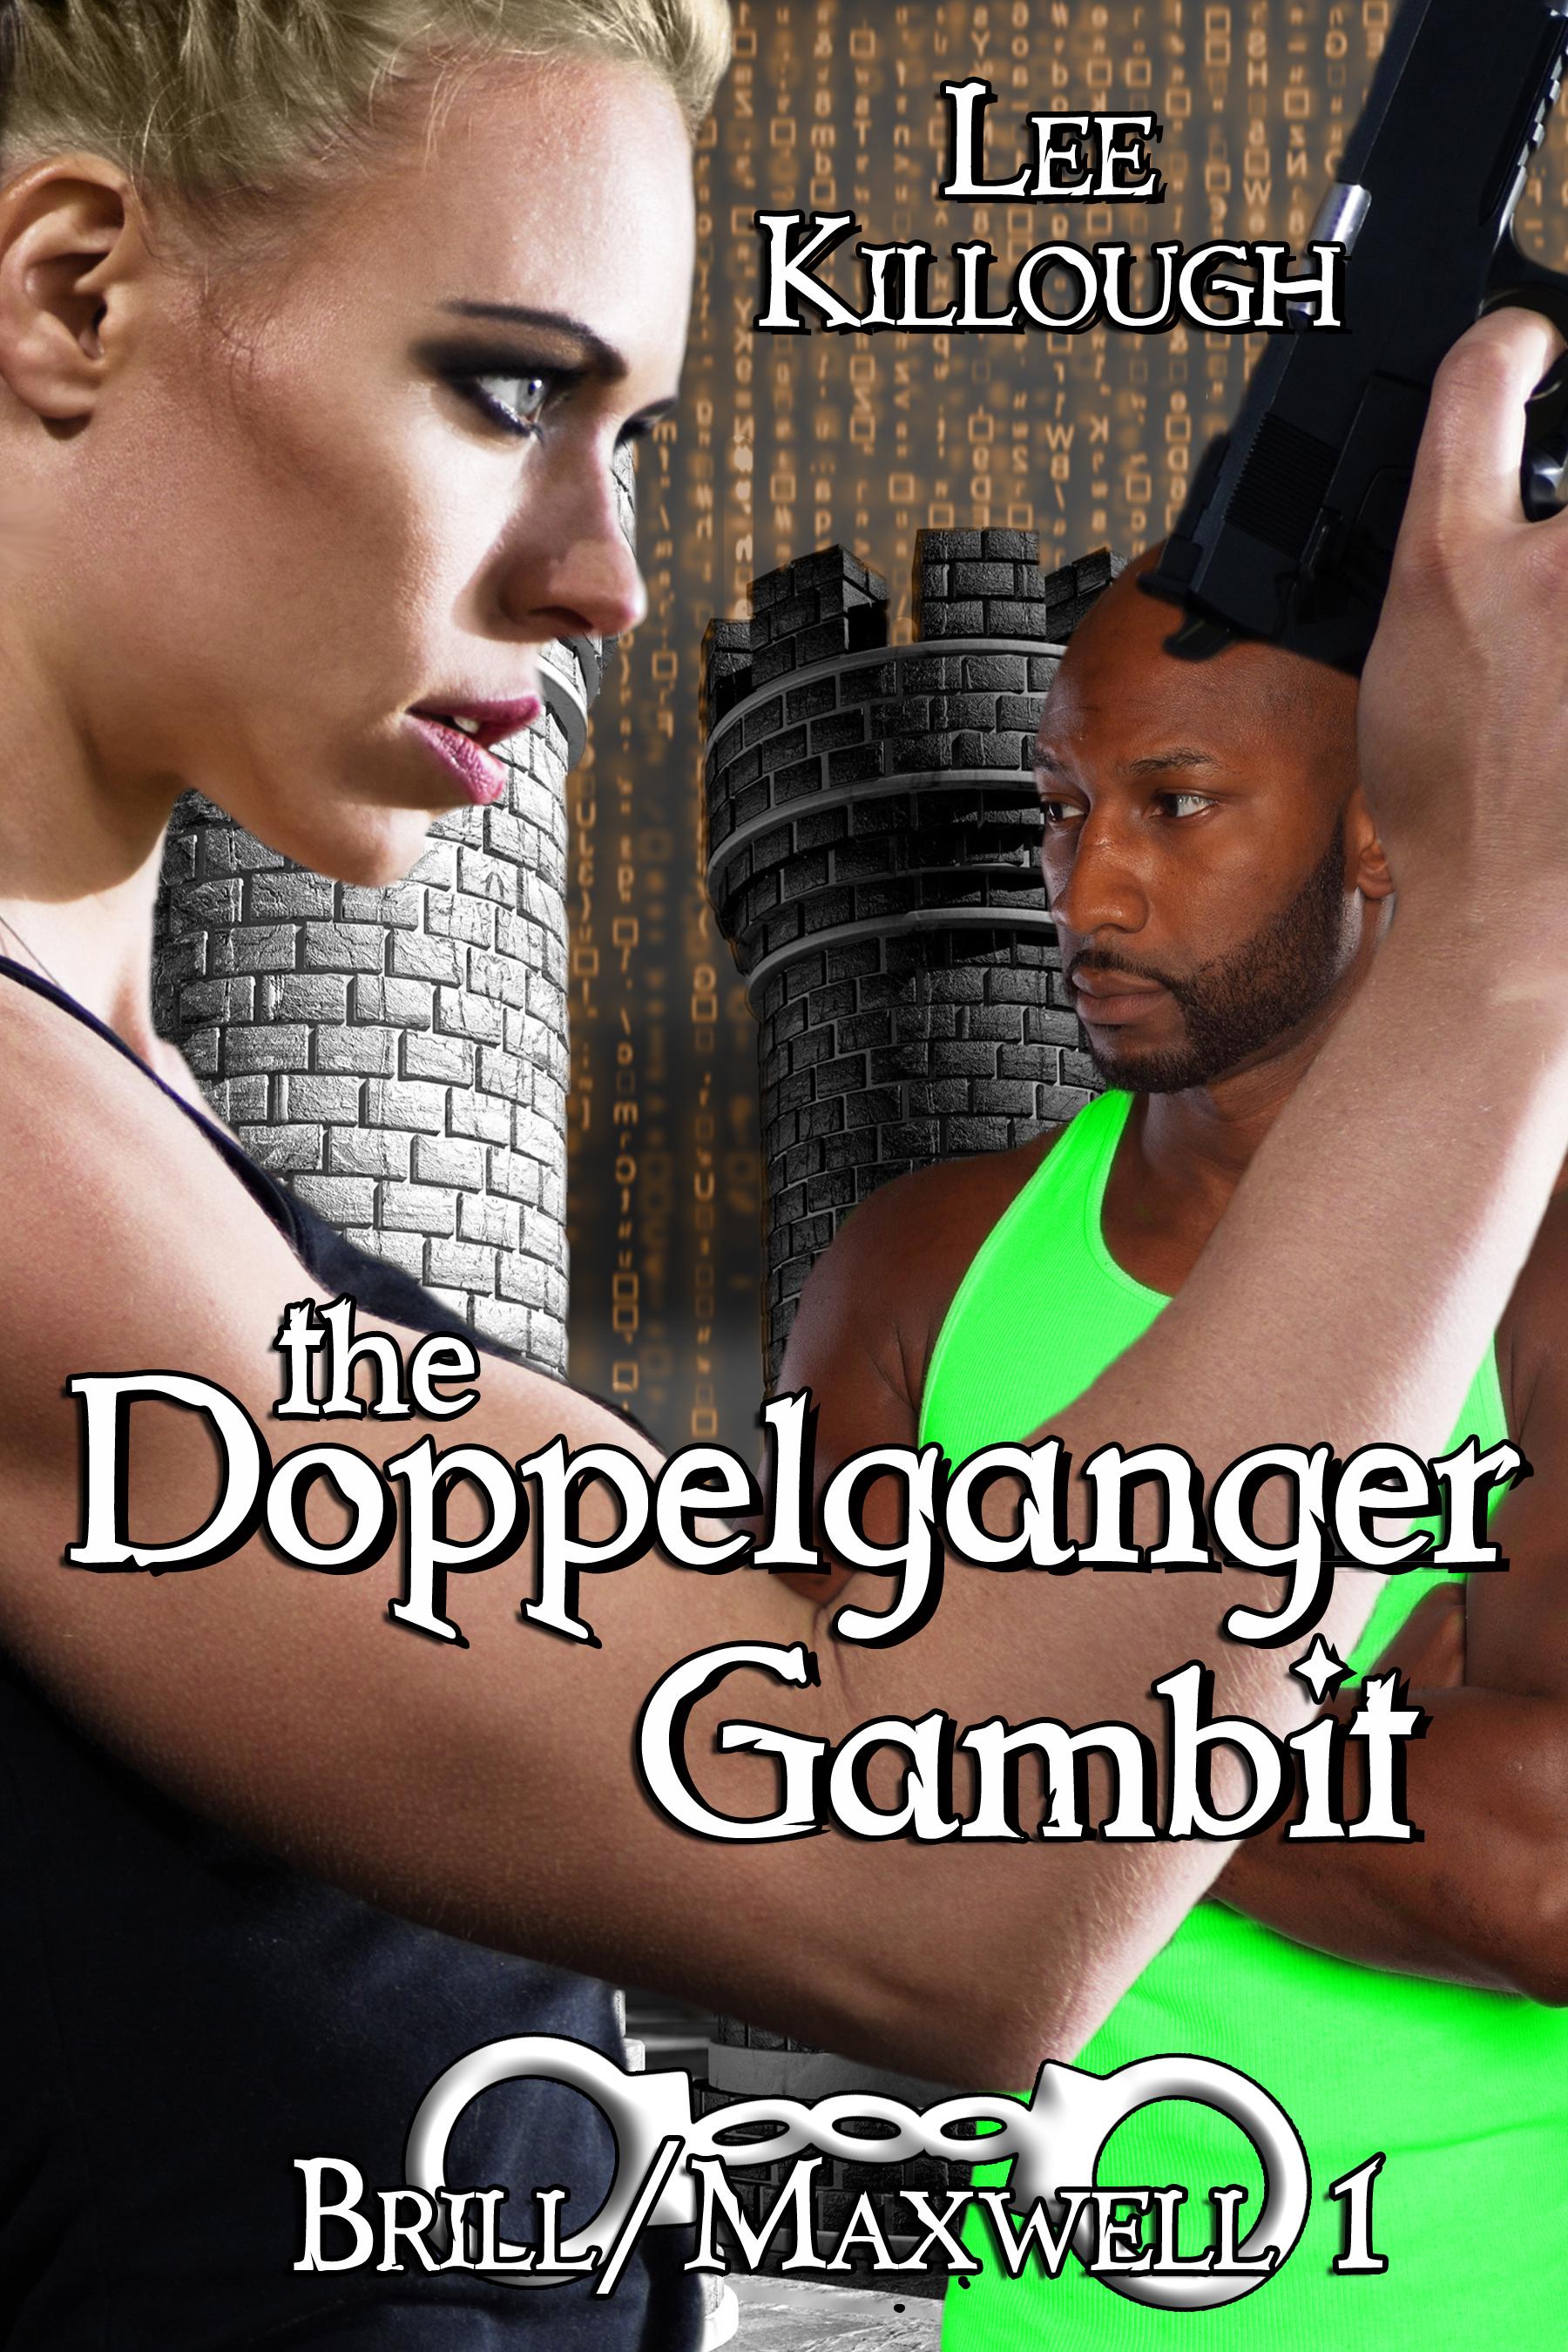 The Doppelganger Gambit Lee Killough